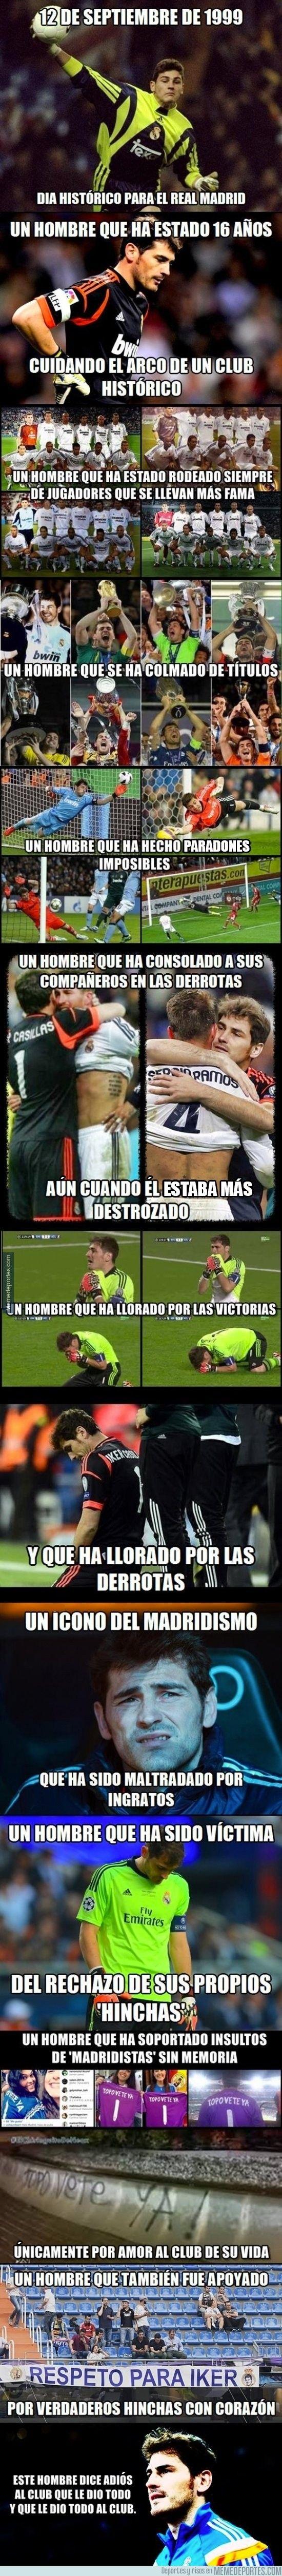 Iker Casillas, un hombre de corazón blanco. Una persona que es mas que un portero para mi, mi favorito de todos los tiempos❤️